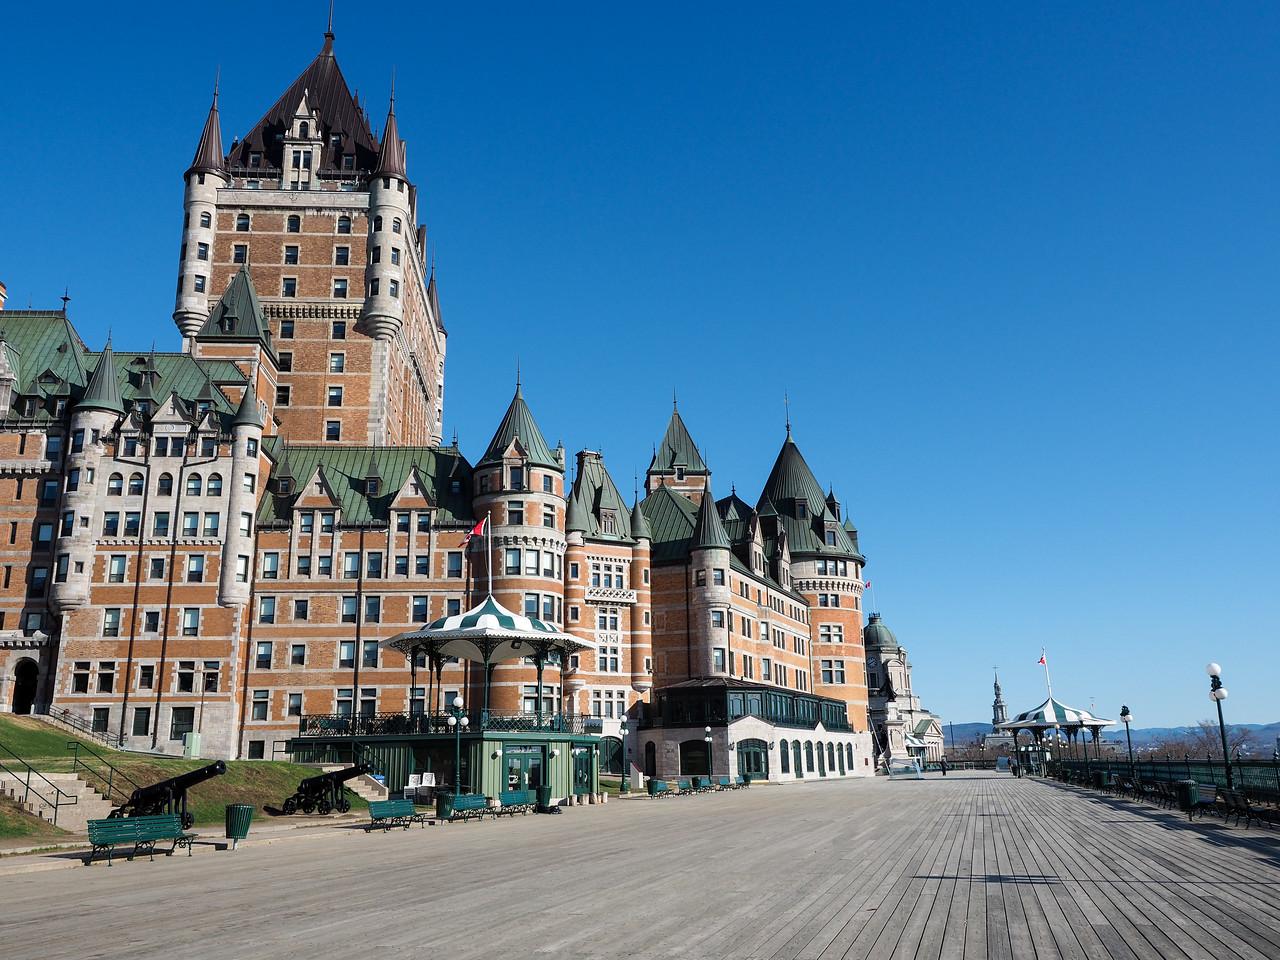 Fairmont LeChâteau Frontenac in Quebec City